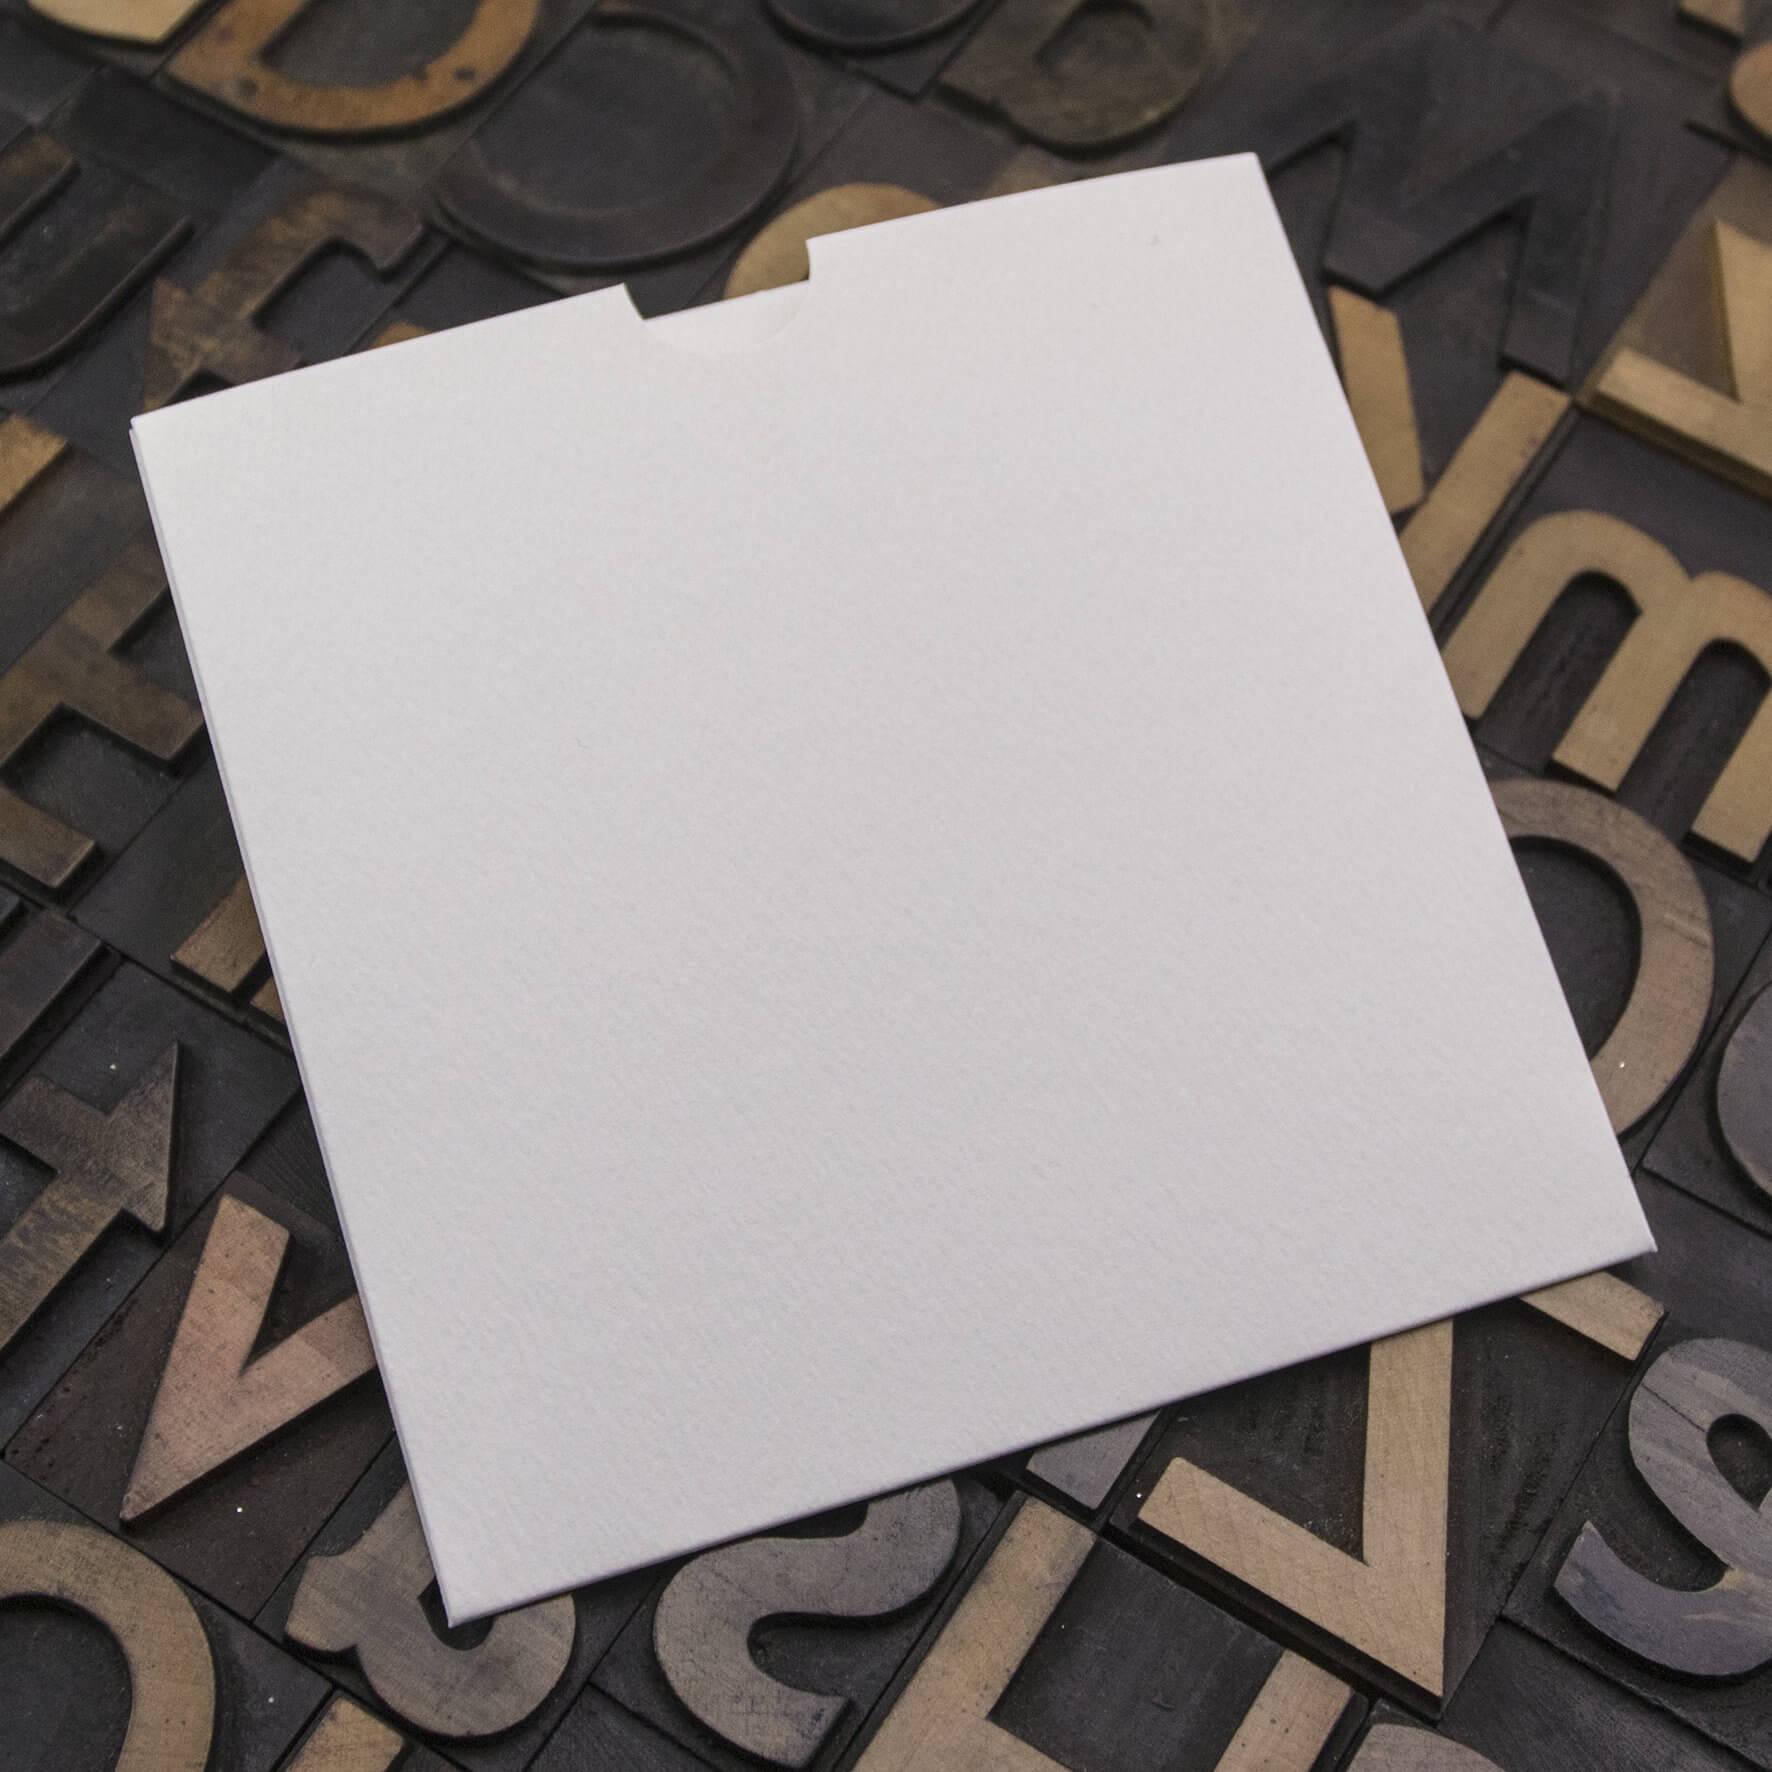 Enfolio Wallet 125mm Sq - Antique White